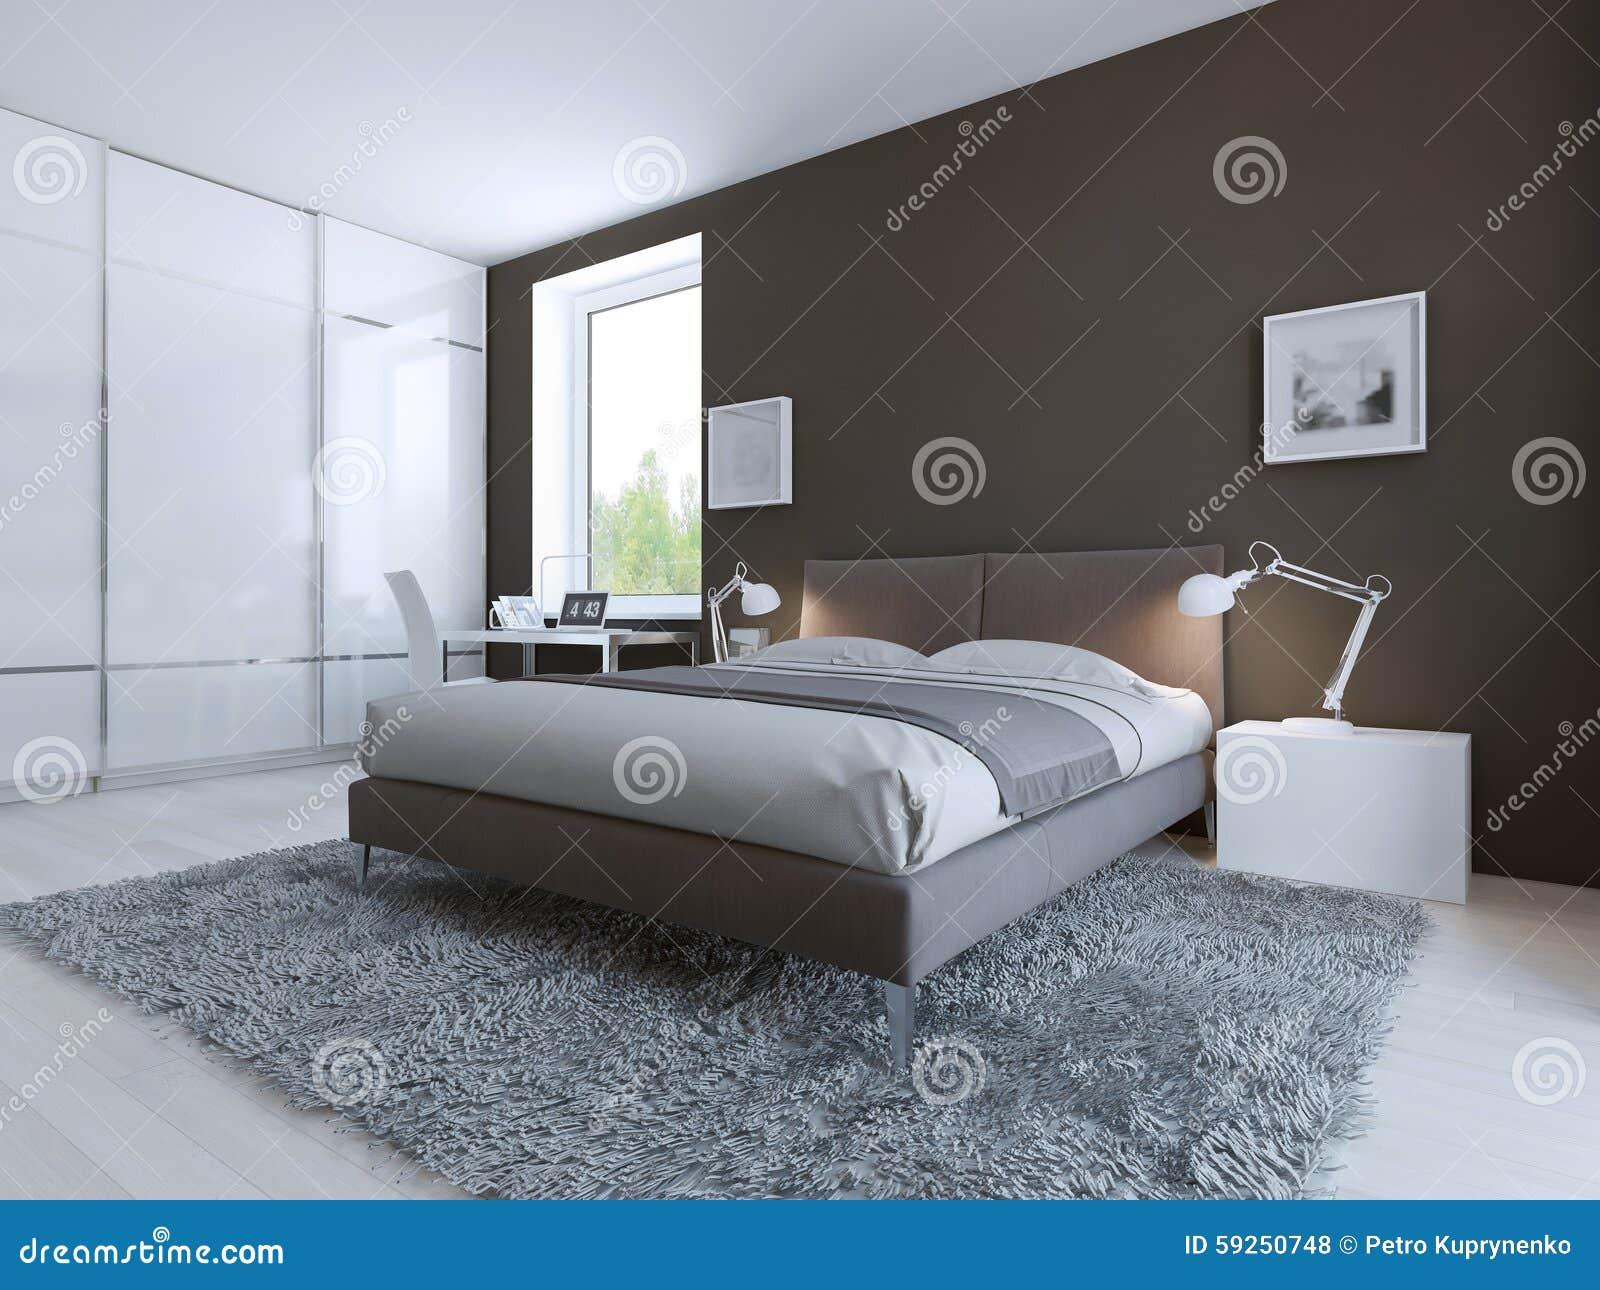 Arredamento minimalista camera da letto: mensole stanza da letto ...